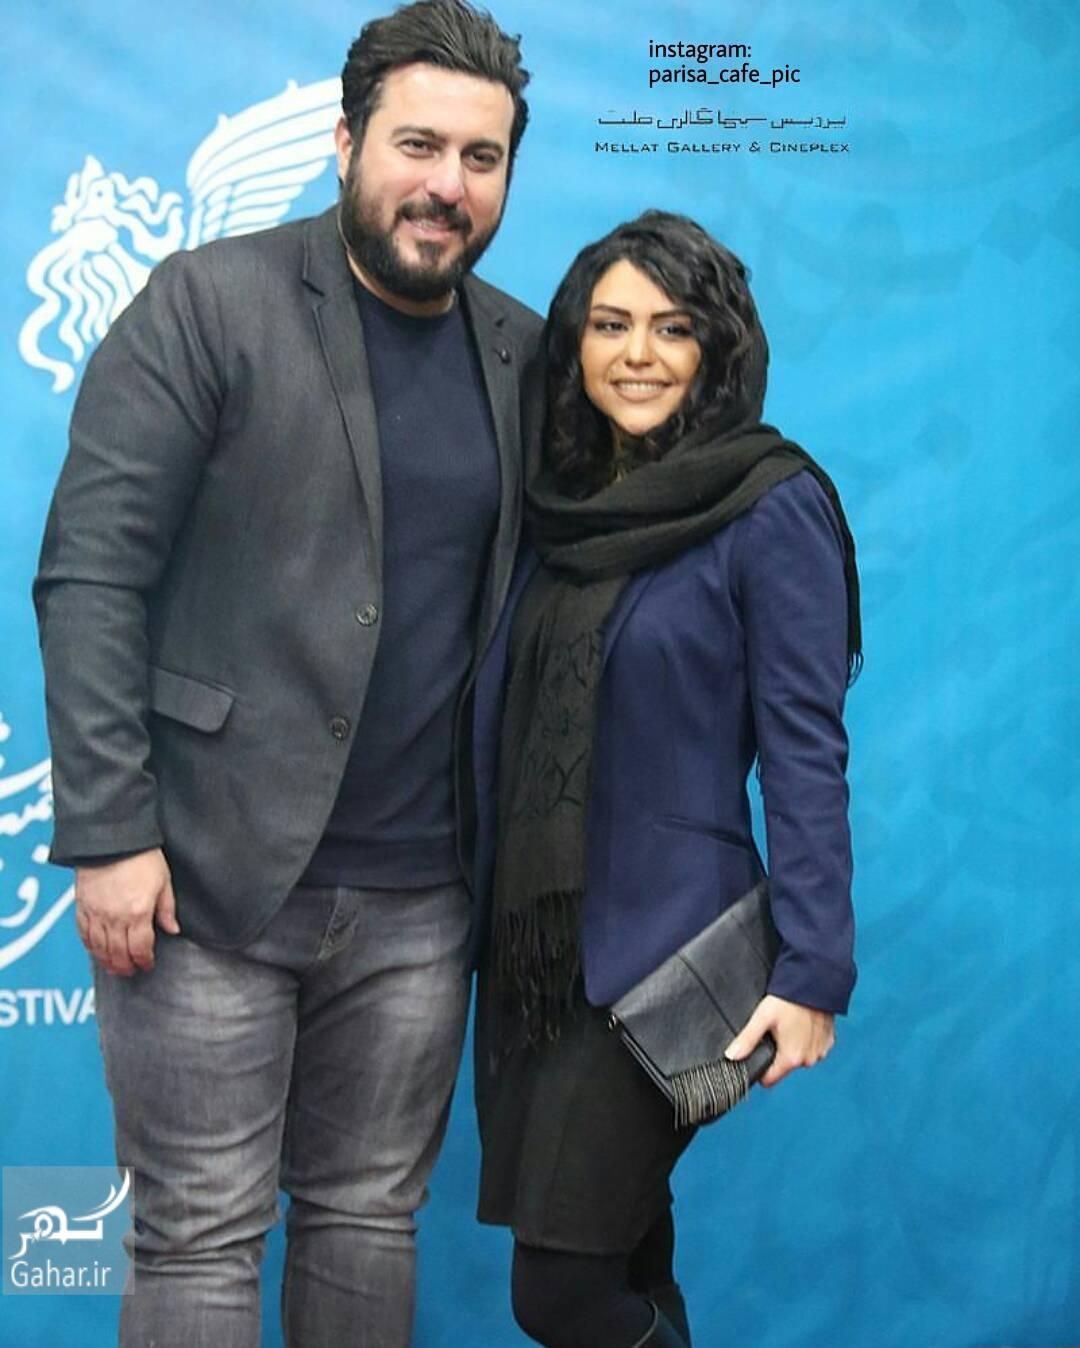 1485864449 عکس های بازیگران در سی و پنجمین جشنواره فیلم فجر؛سری سوم